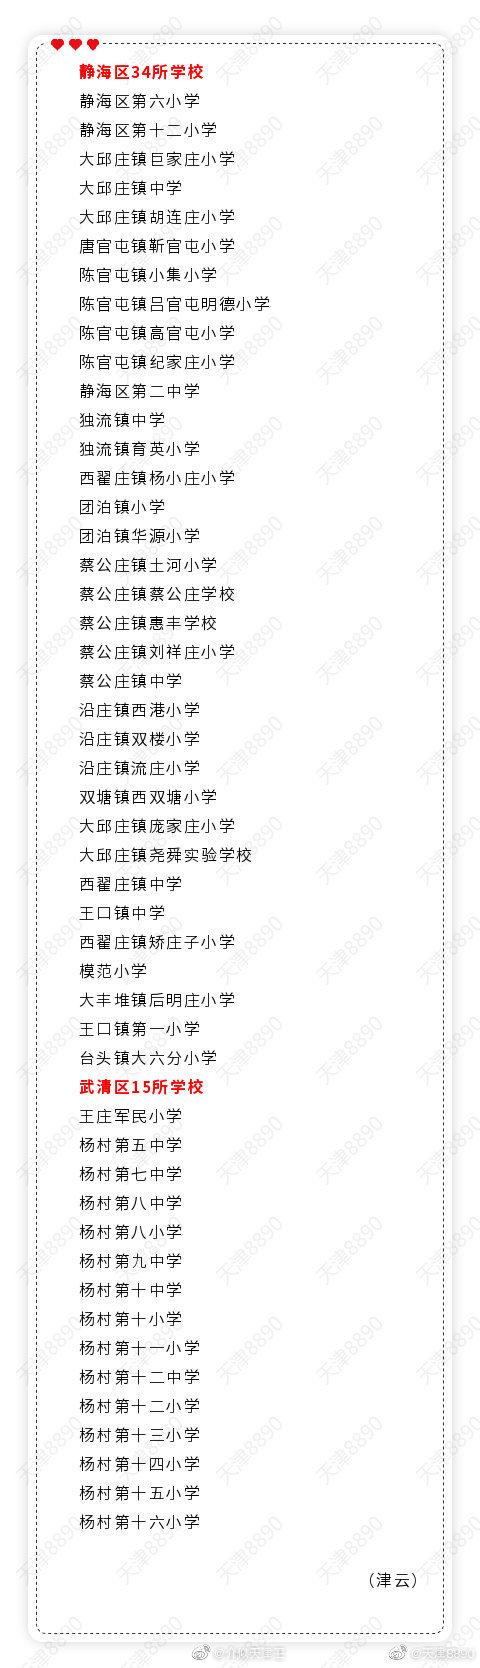 定了!天津将再添49所学校体育场馆,向全体市民免费开放